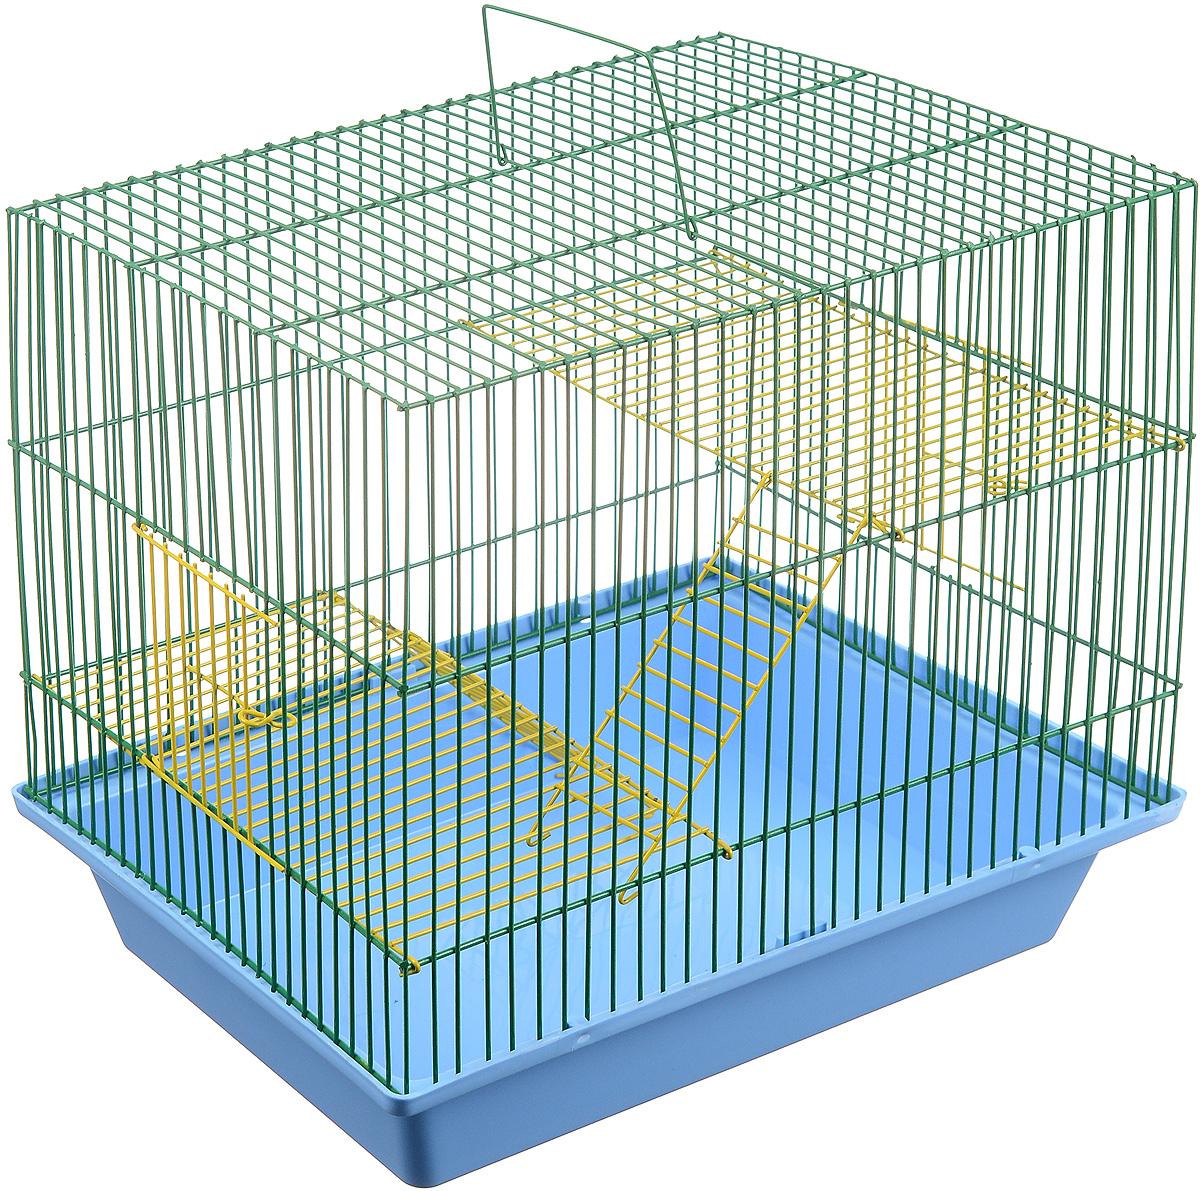 Клетка для грызунов ЗооМарк Гризли, 3-этажная, цвет: голубой поддон, зеленая решетка, желтые этажи, 41 х 30 х 36 см. 230ж230ж_голубойКлетка ЗооМарк Гризли, выполненная из полипропилена и металла, подходит для мелких грызунов. Изделие трехэтажное. Клетка имеет яркий поддон, удобна в использовании и легко чистится. Сверху имеется ручка для переноски. Такая клетка станет уединенным личным пространством и уютным домиком для маленького грызуна.